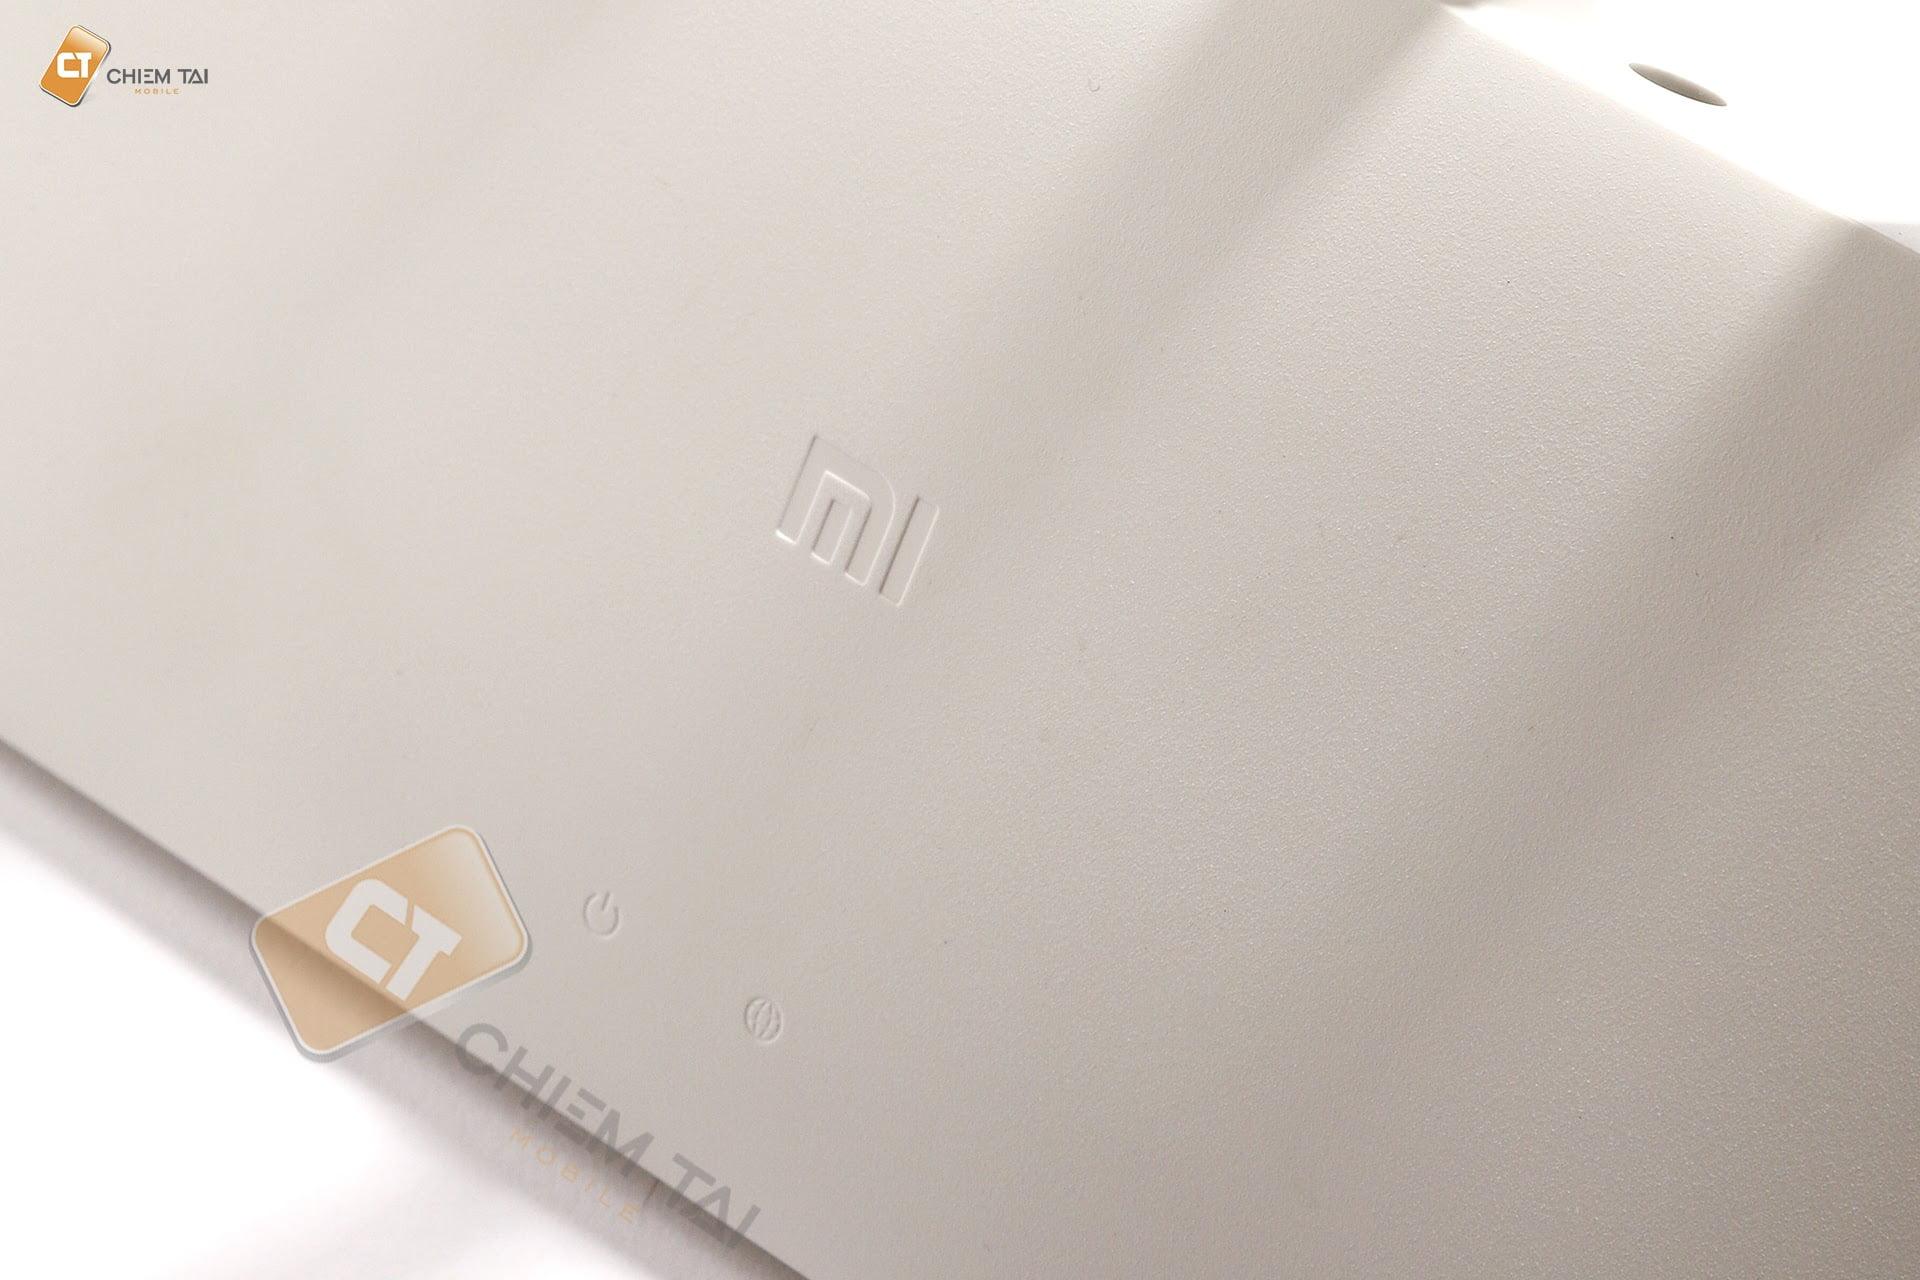 router wifi xiaomi 4c ban quoc te 6007fcafe099b